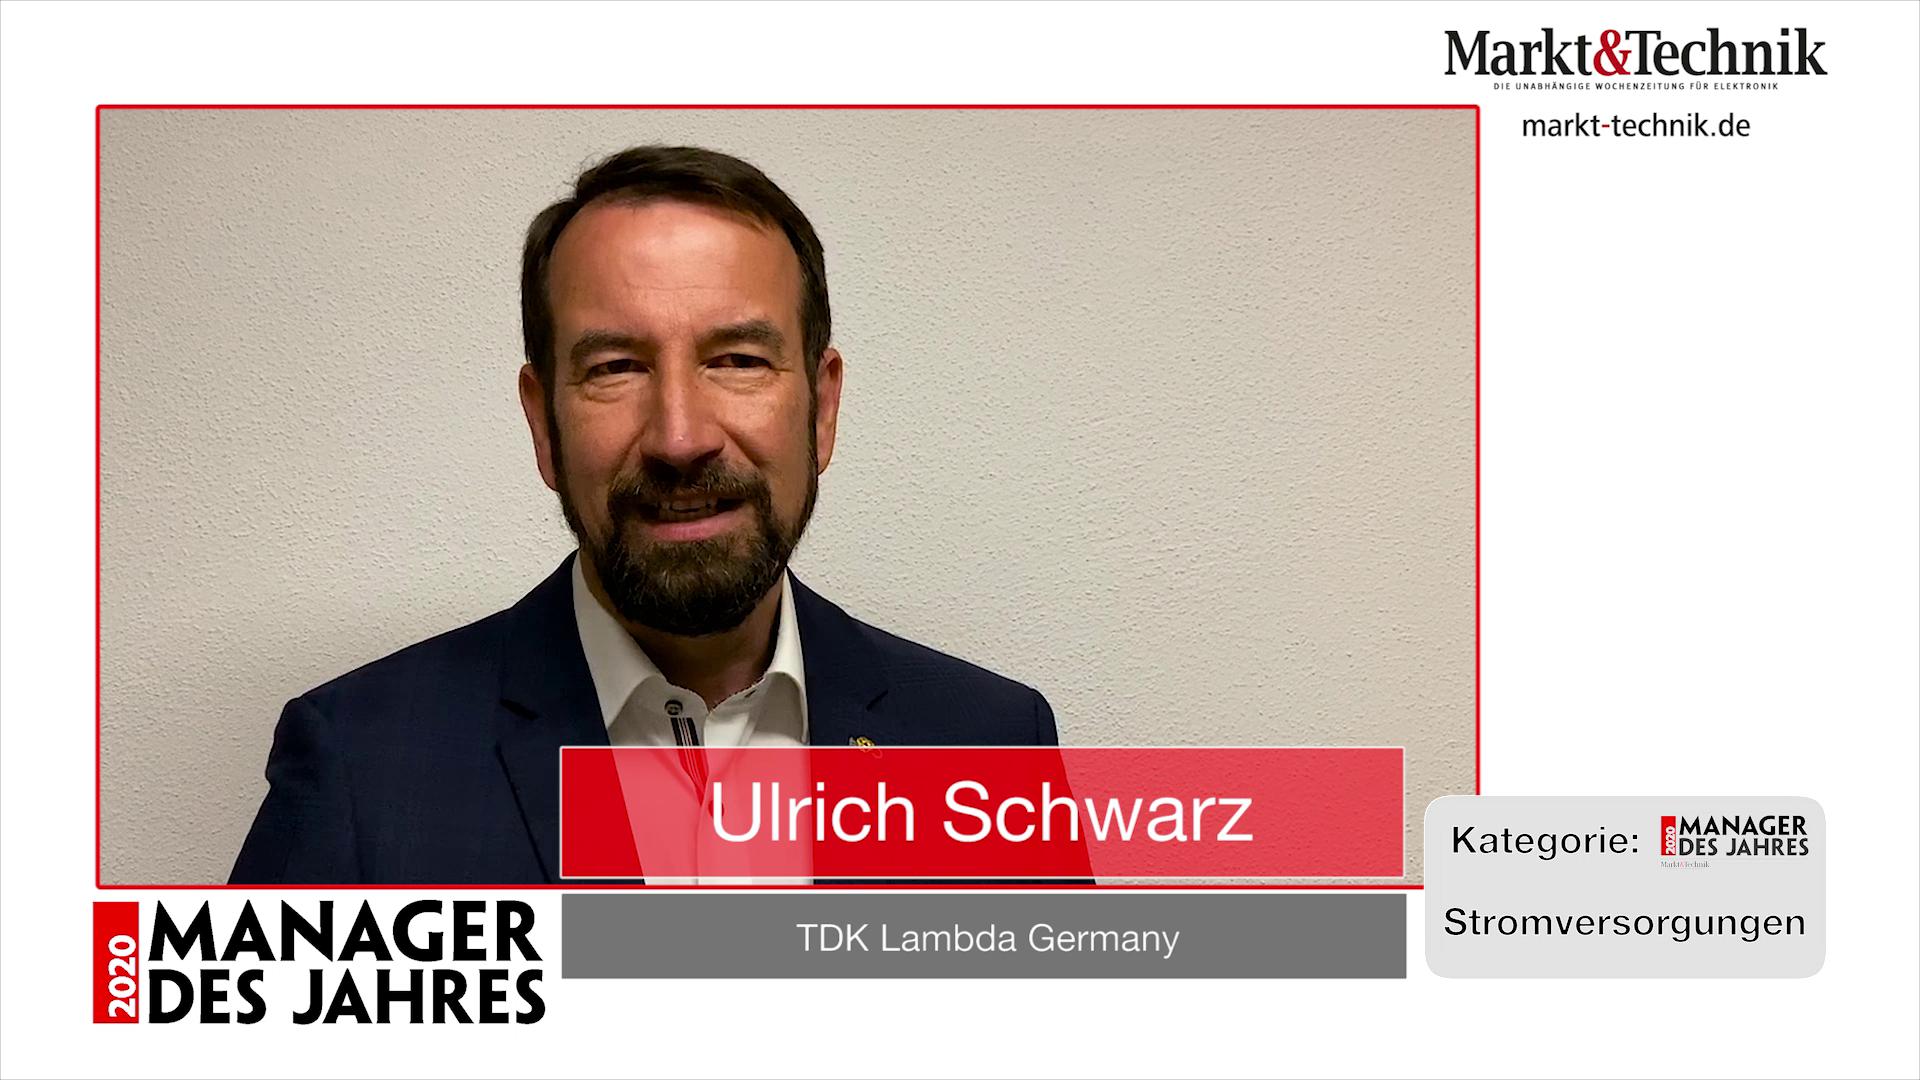 »Manager des Jahres 2020«: Ulrich Schwarz